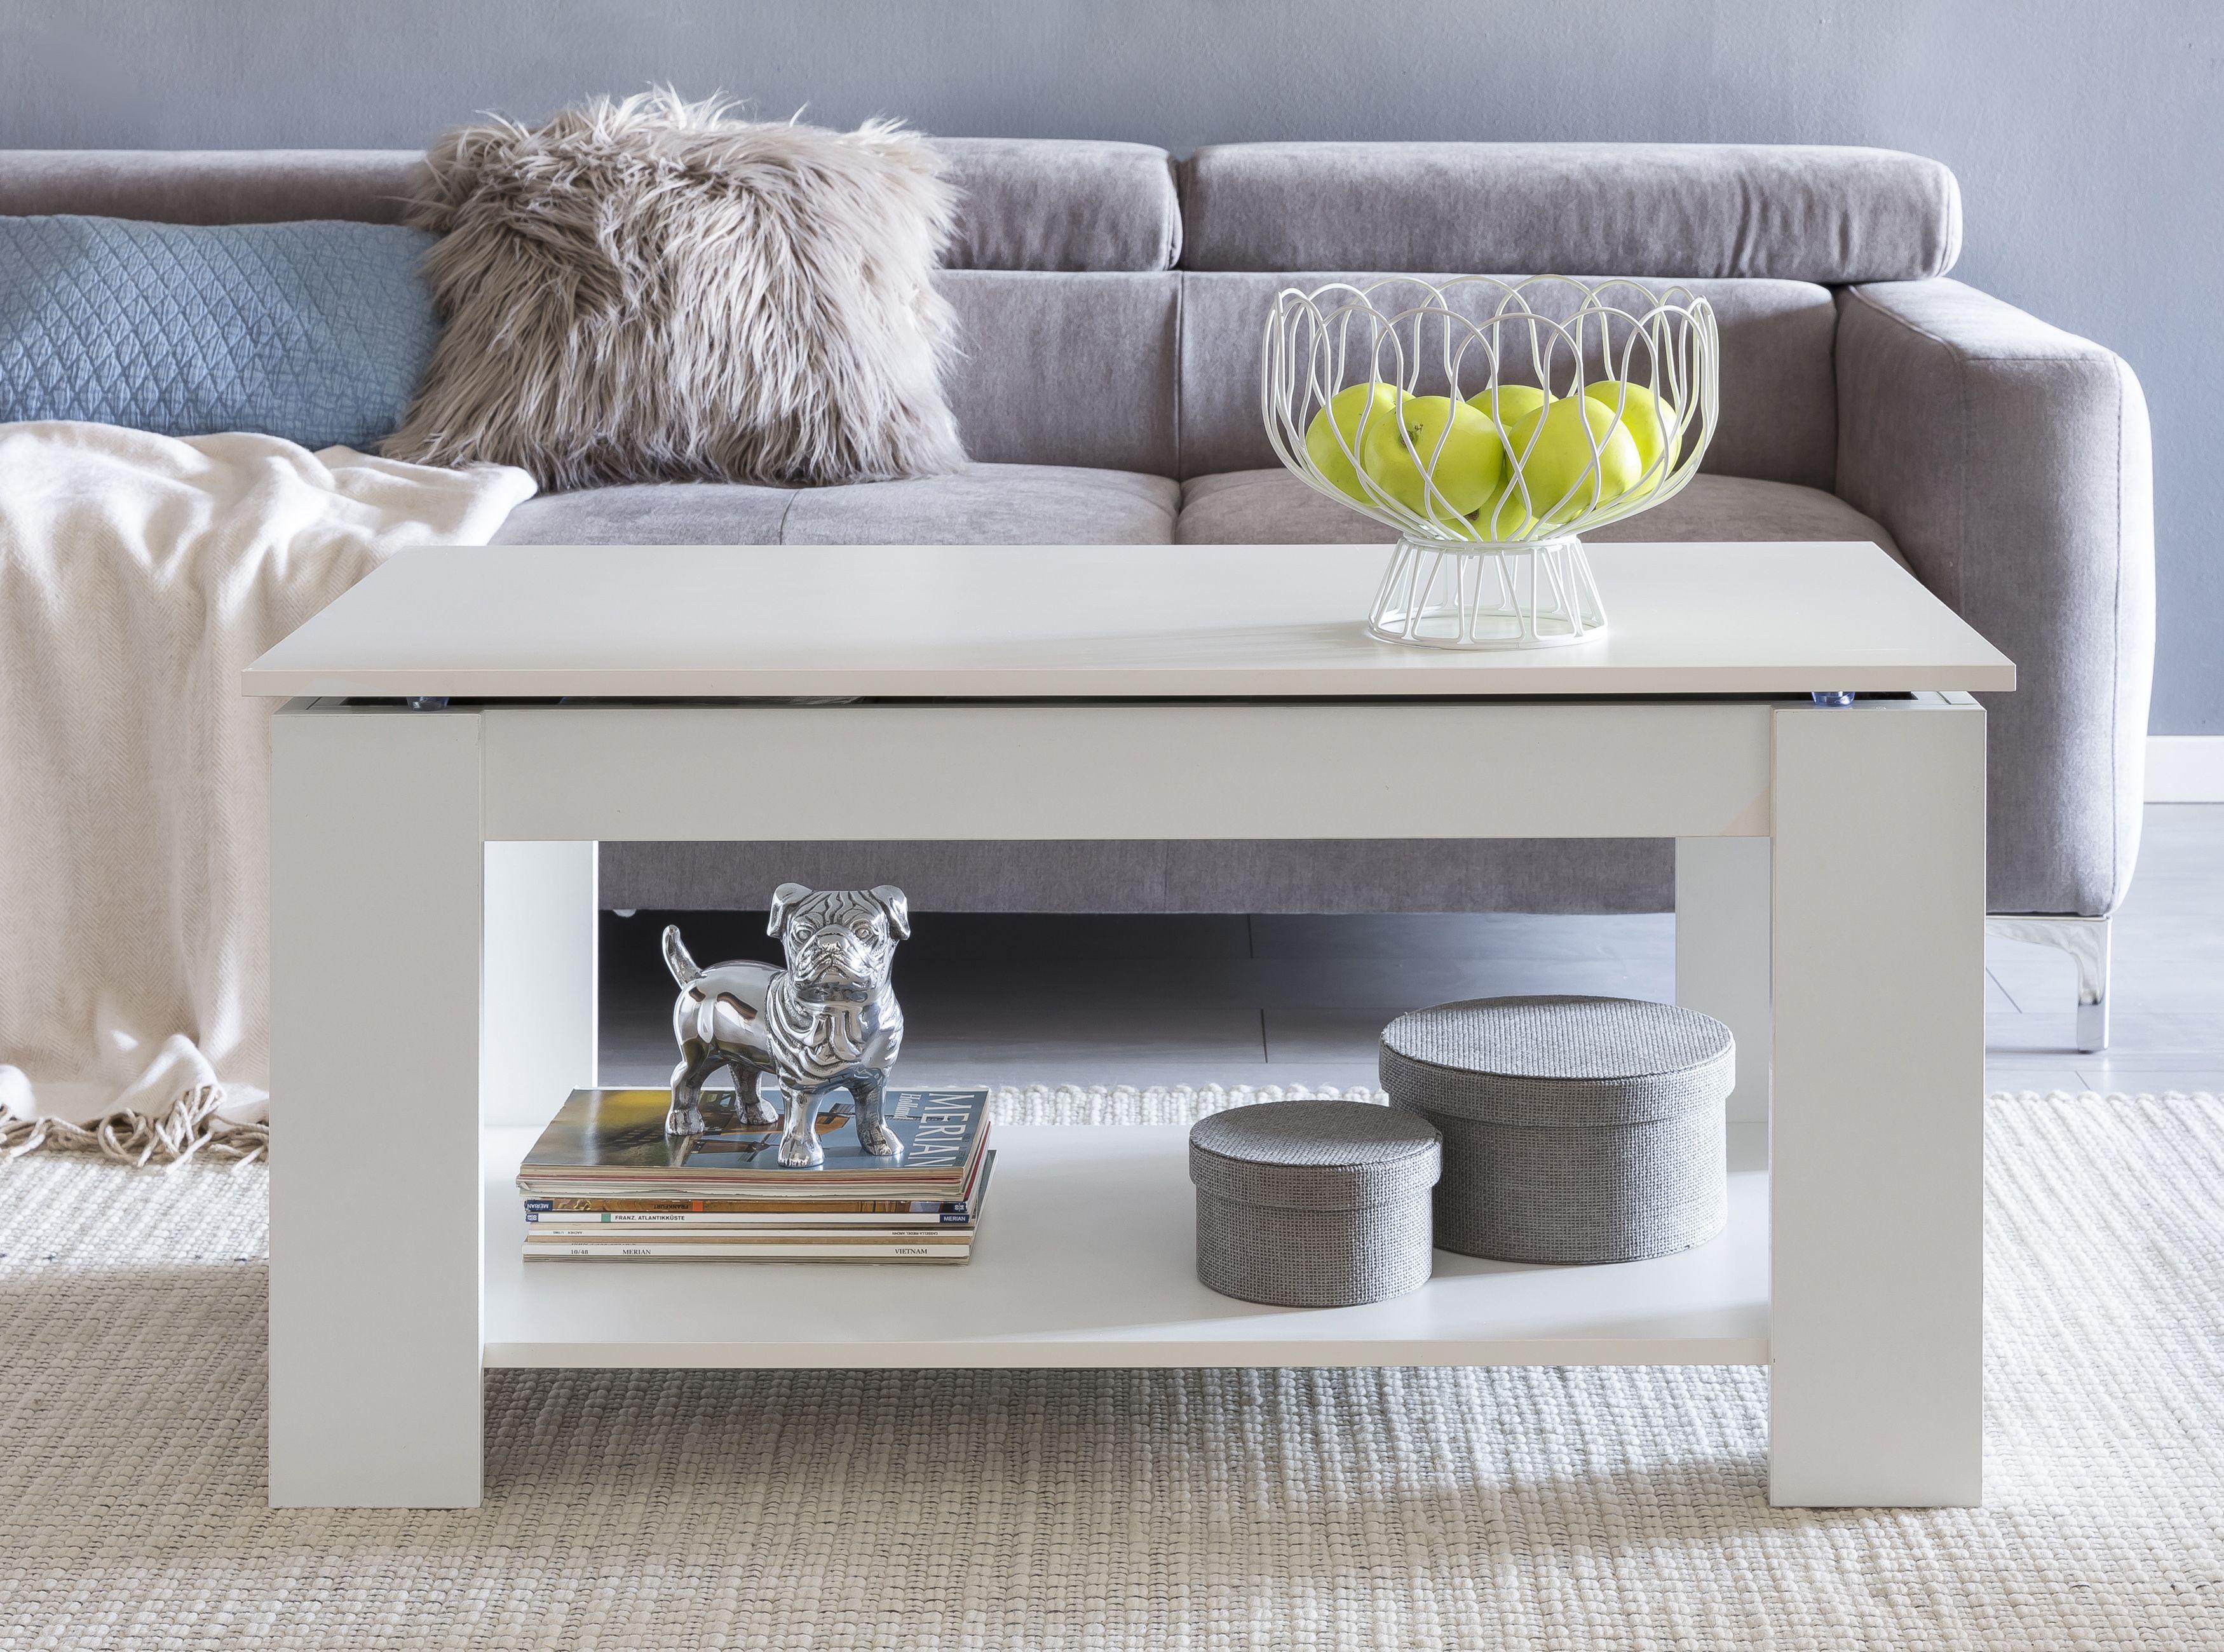 Wohnling Hohenverstellbarer Couchtisch Wl5 283 Weiss Aus Hochwertiger Spanplatte Couchtisch Set Couchtisch Sofa Tisch